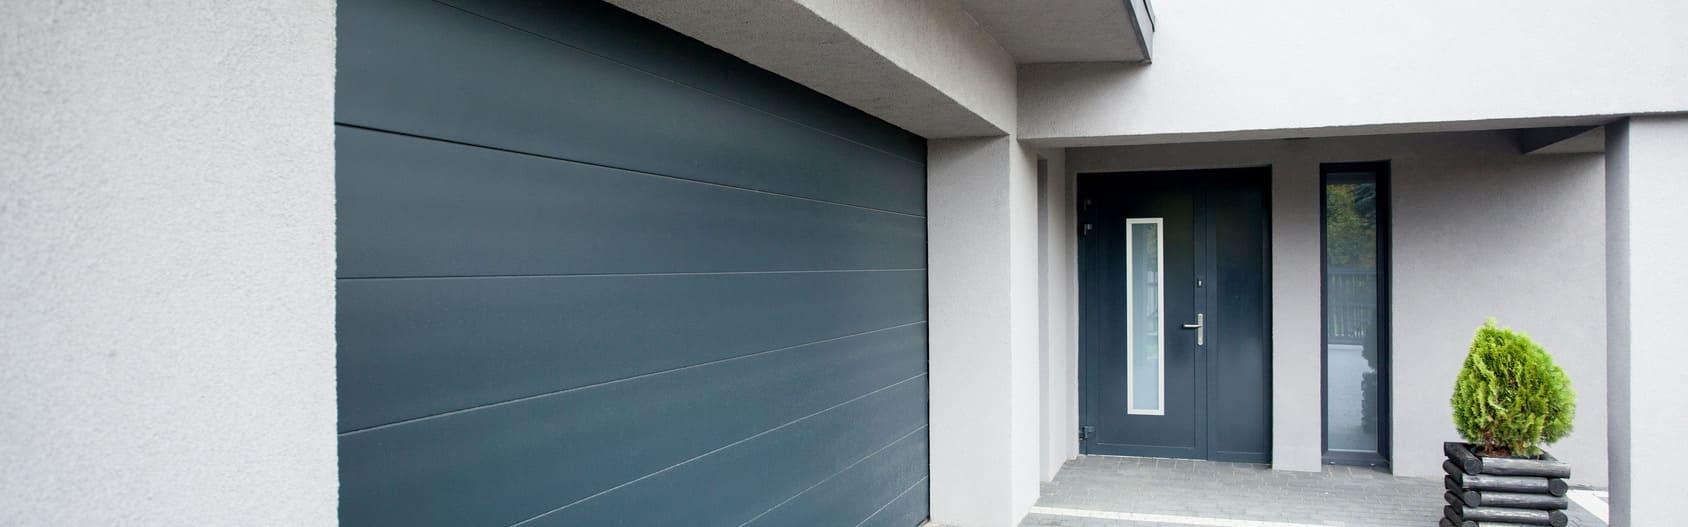 drzwi-i-bramy-garazowe - drzwi-okna-bramy.com.pl